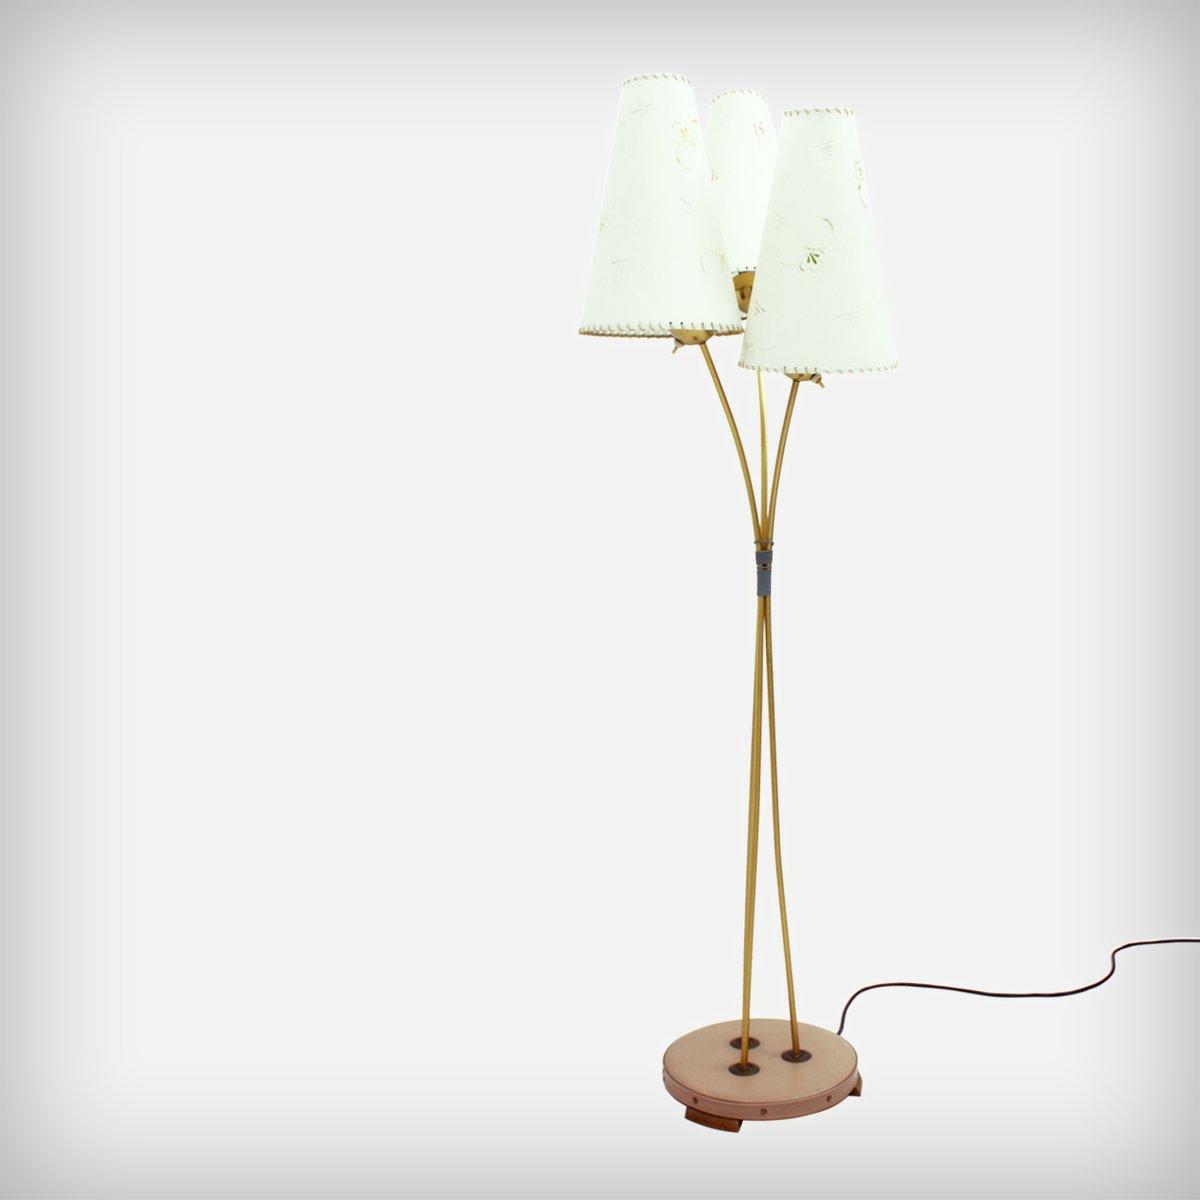 Stehlampe mit 3 Leuchten, 1950er